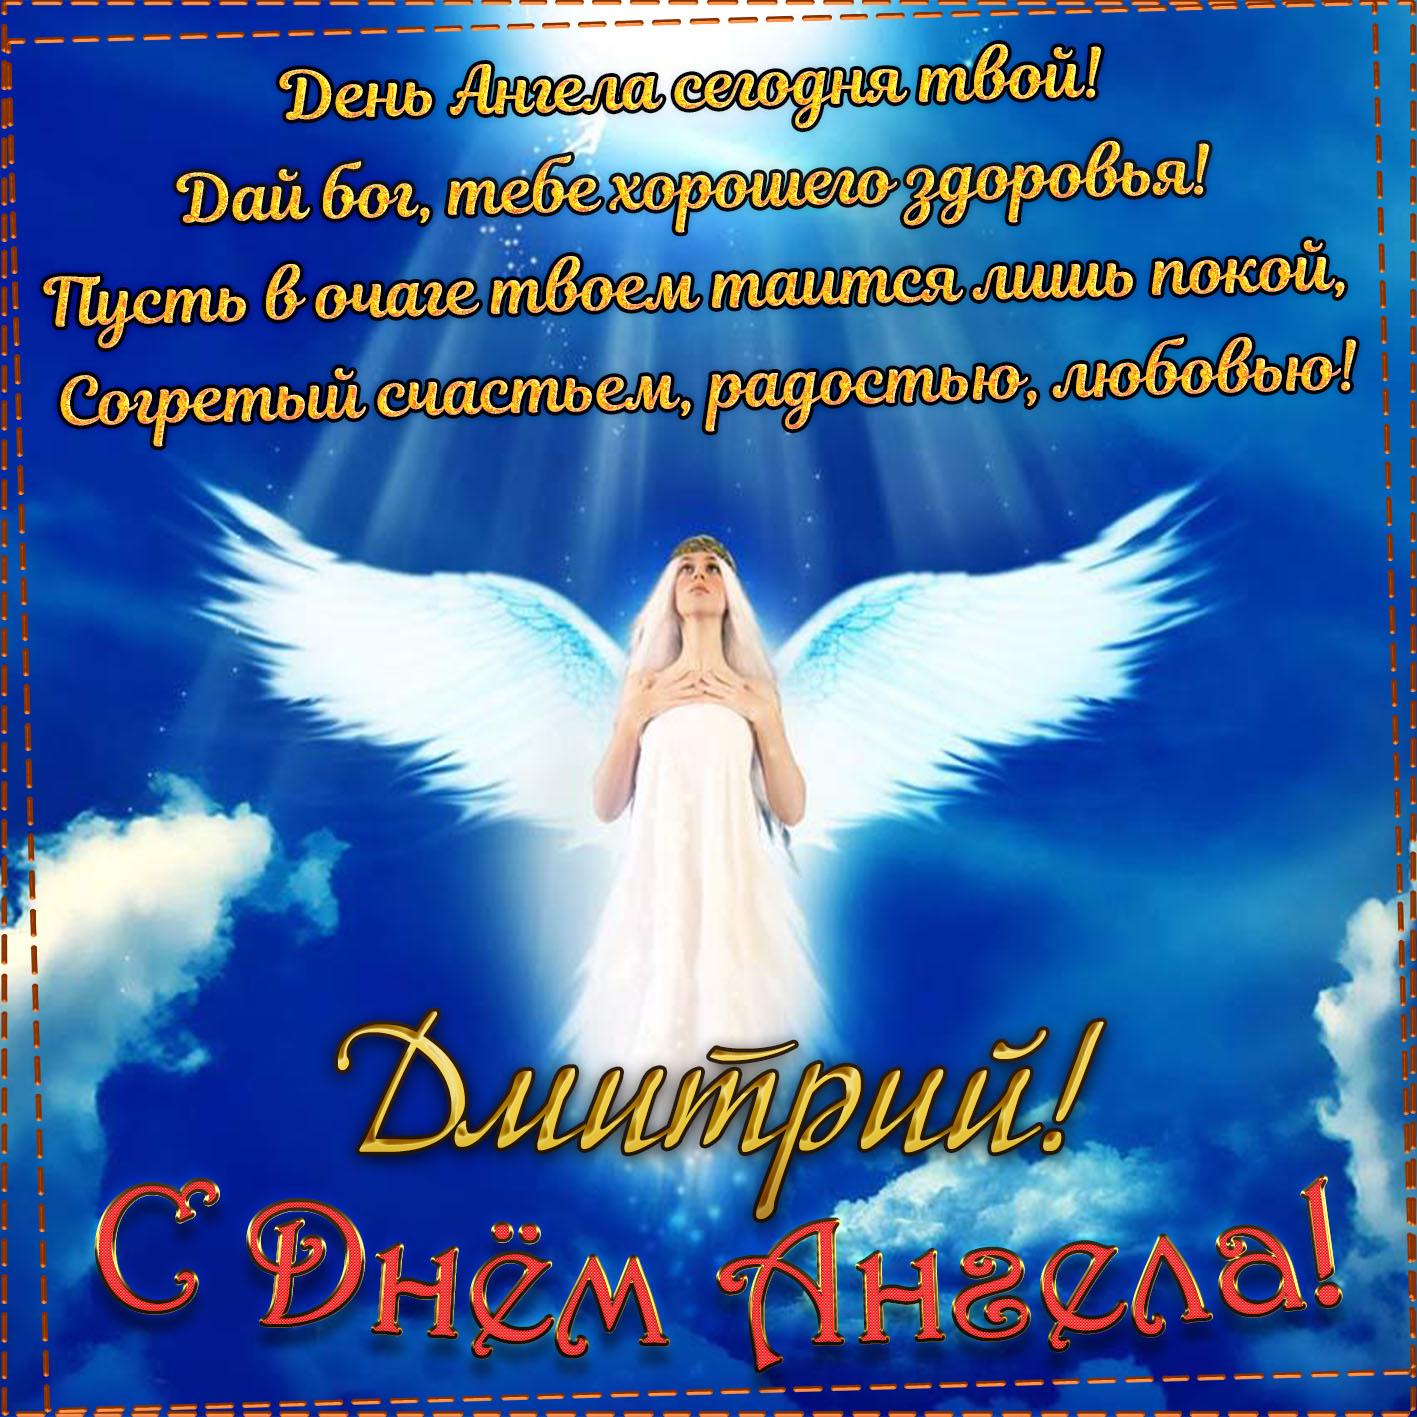 Православная открытка с днем ангела александры, кадровика картинка поздравлением